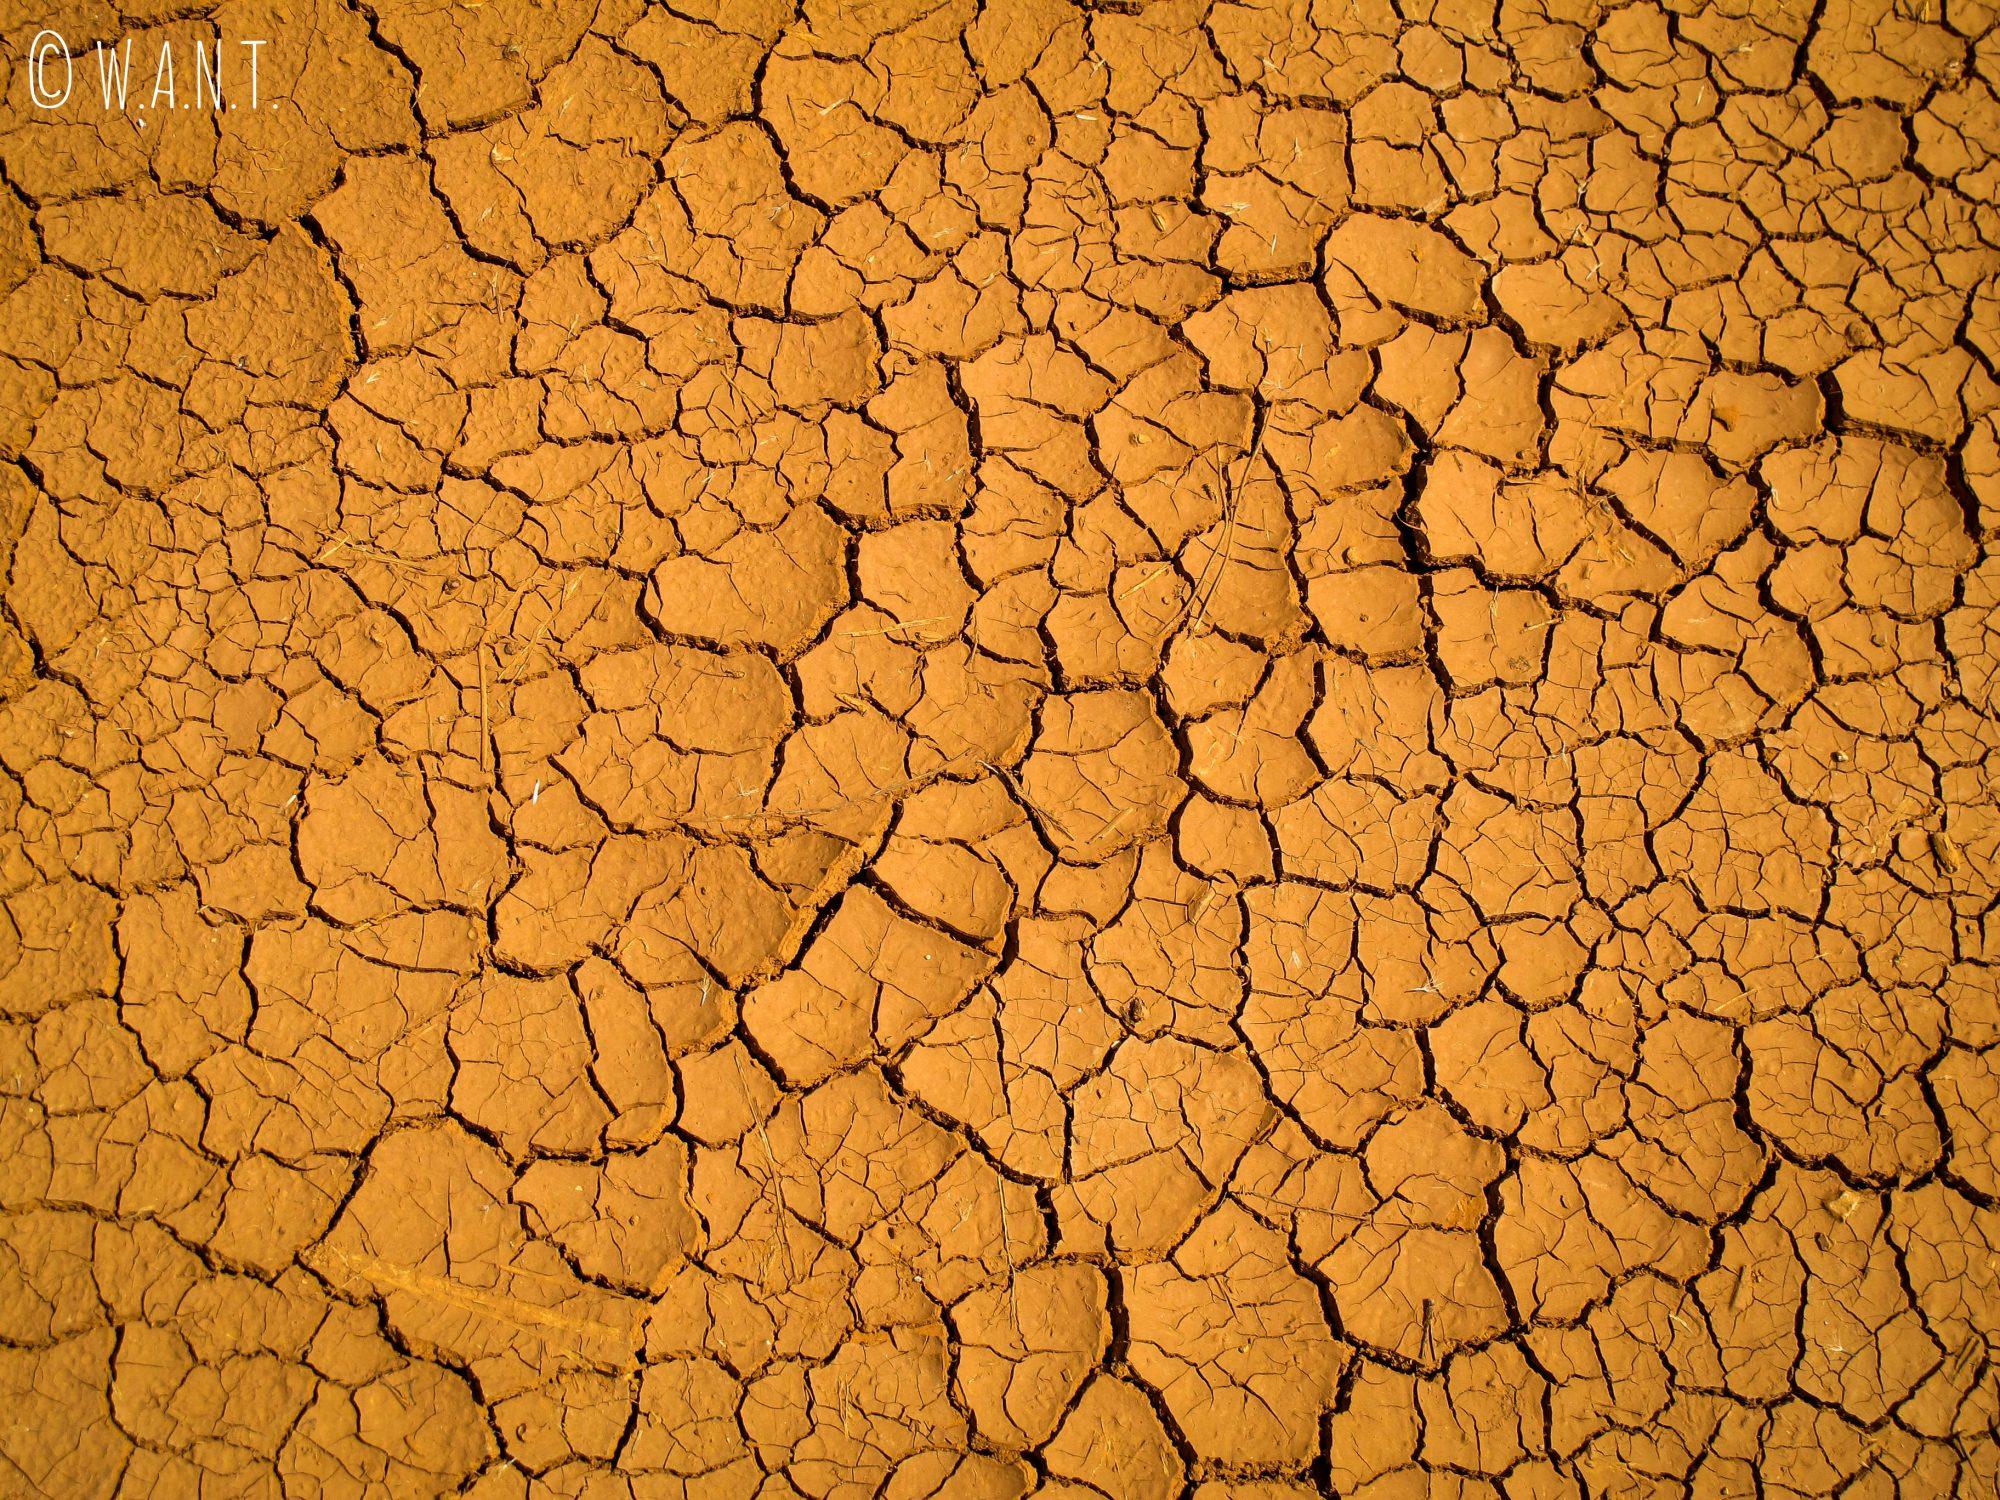 Sol craquelé dû à la sécheresse